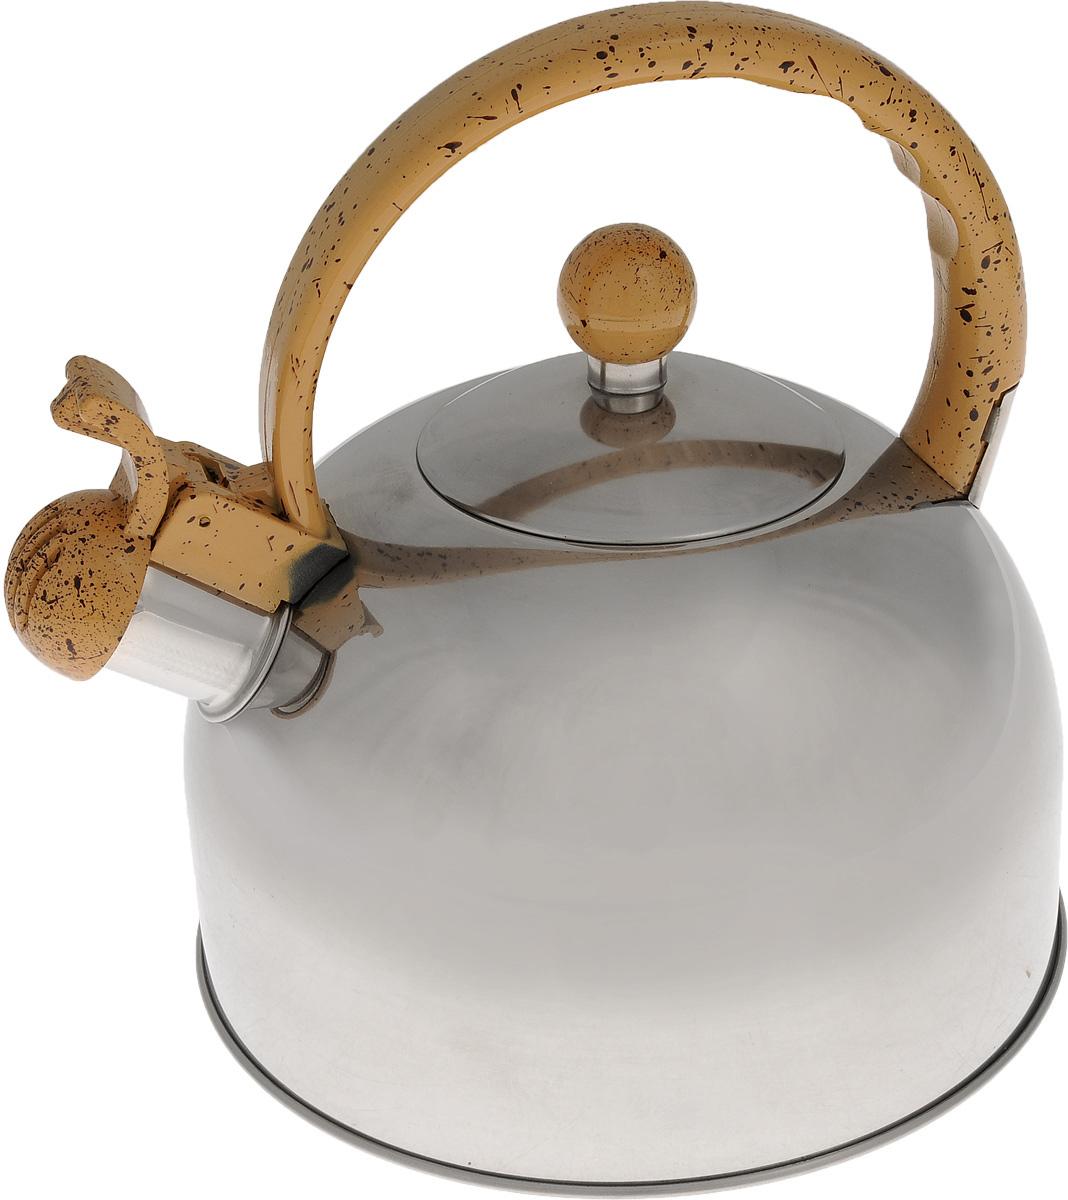 Чайник Bekker Koch со свистком, цвет: бежевый, 2,5 л. BK-S307BK-S307_бежевыйЧайник Bekker Koch выполнен из высококачественной нержавеющей стали, что обеспечивает долговечность использования. Внешнее зеркальное покрытие придает приятный внешний вид. Пластиковая фиксированная ручка, выполненная под мрамор, делает использование чайника очень удобным и безопасным. Чайник снабжен свистком и устройством для открывания носика. Изделие оснащено капсулированным дном для лучшего распространения тепла.Можно мыть в посудомоечной машине. Пригоден для всех видов плит кроме индукционных. Высота чайника (без учета крышки и ручки): 11,5 см.Диаметр основания: 19 см. Толщина стенки: 3 мм.